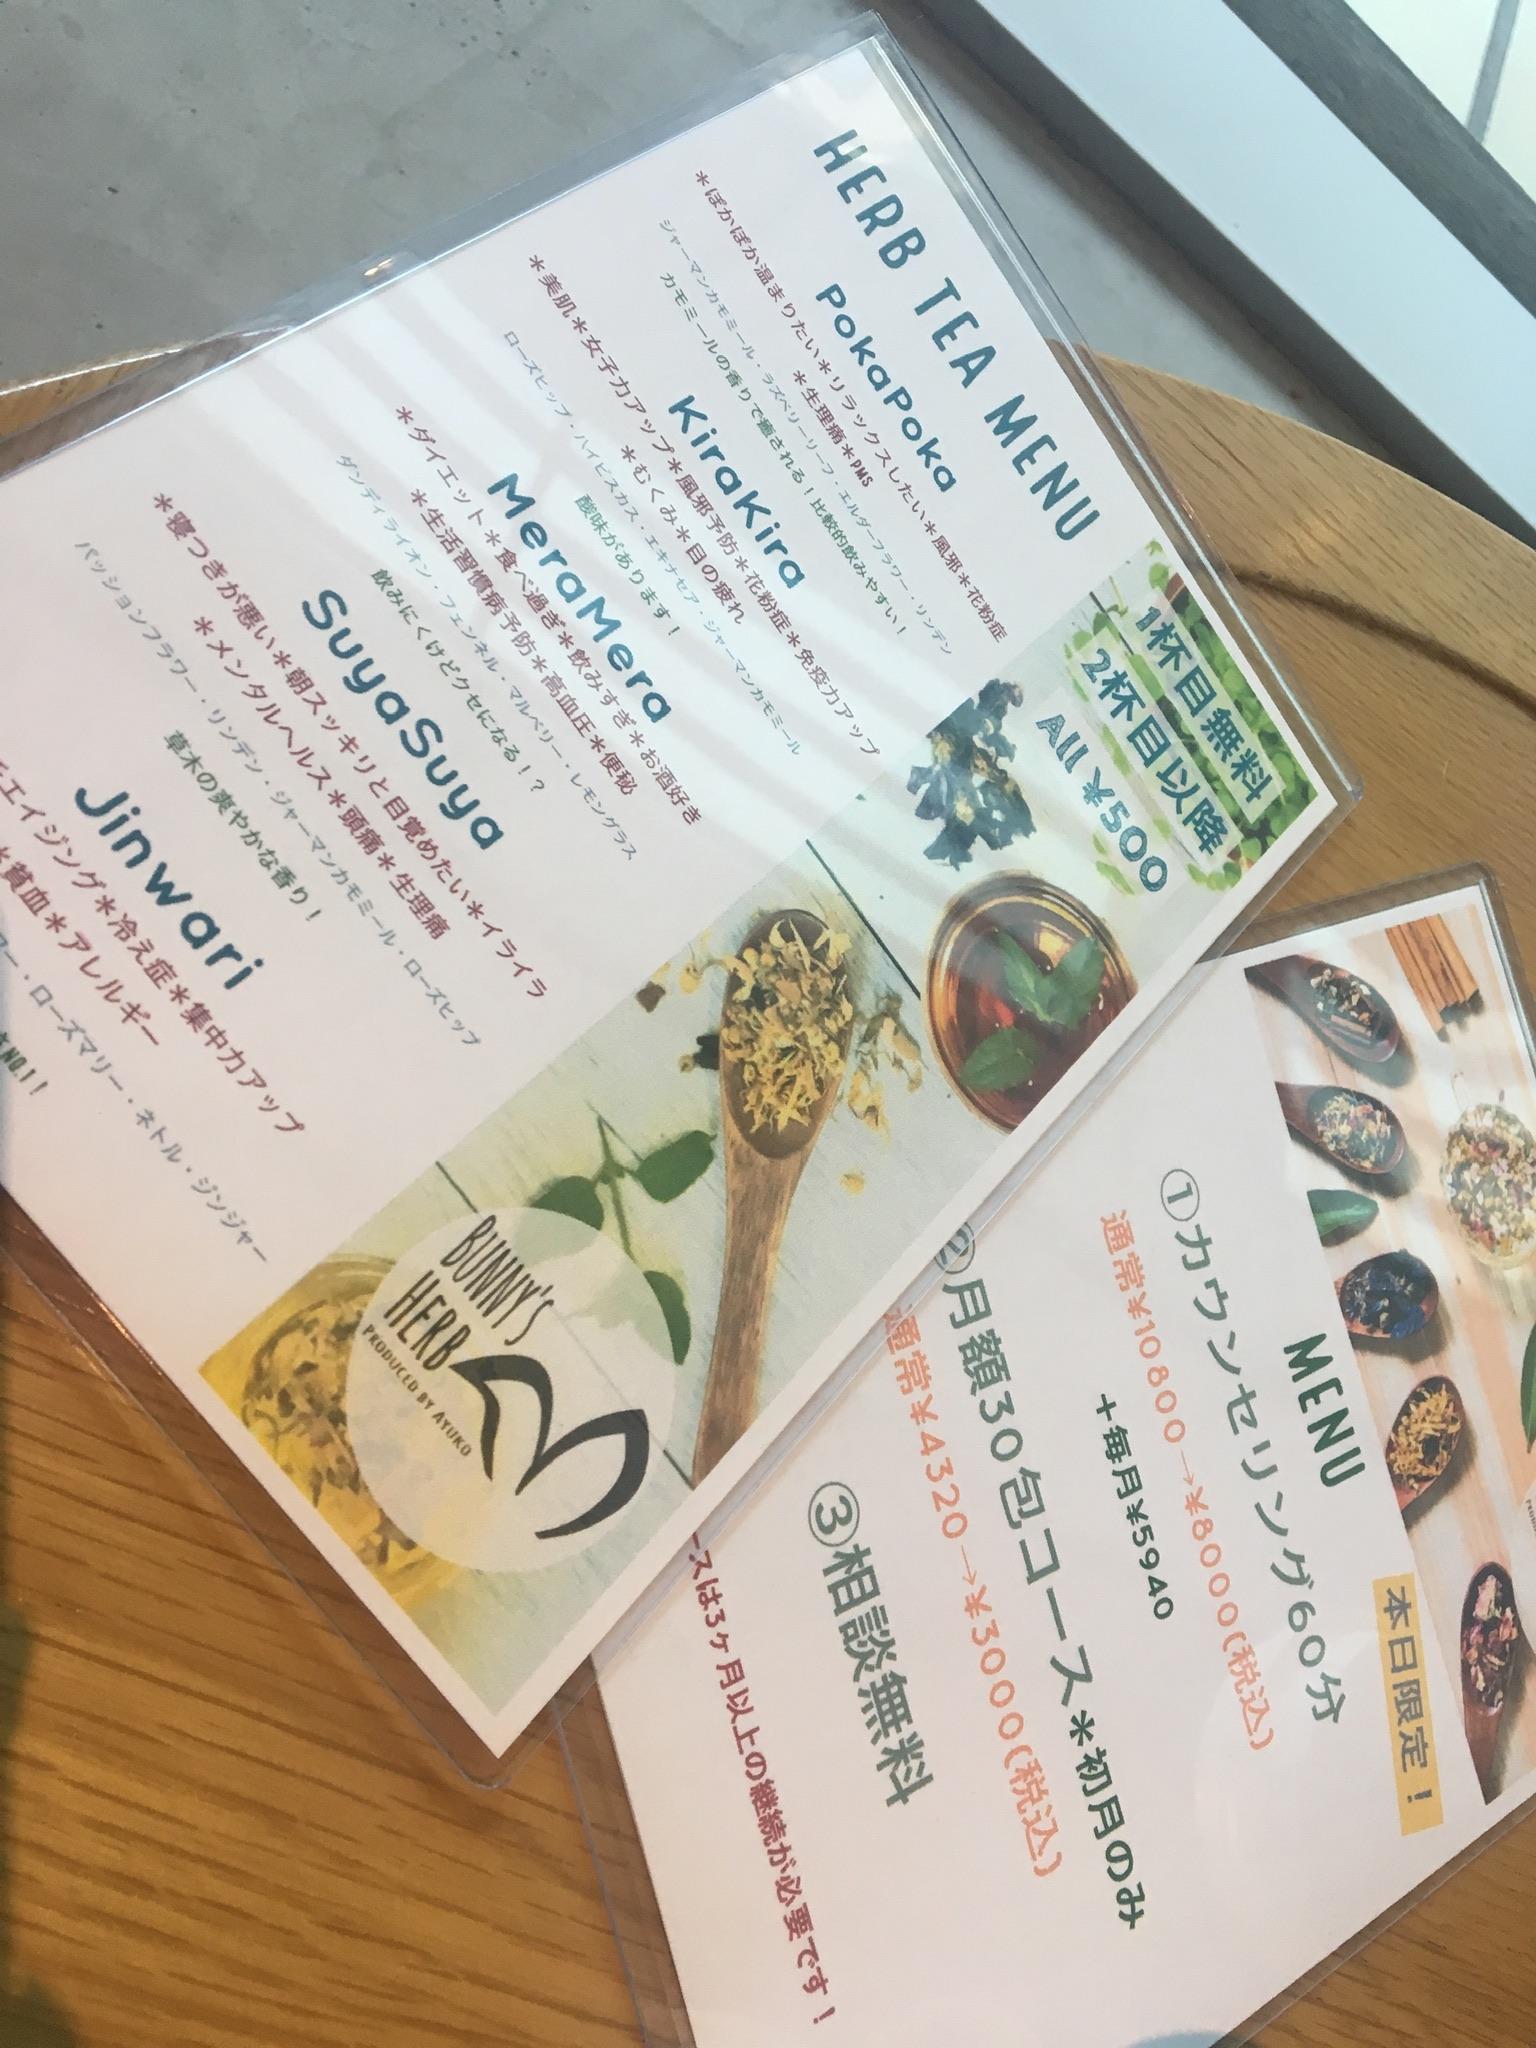 2/17イベント報告&ご参加の皆様へ(o^^o)